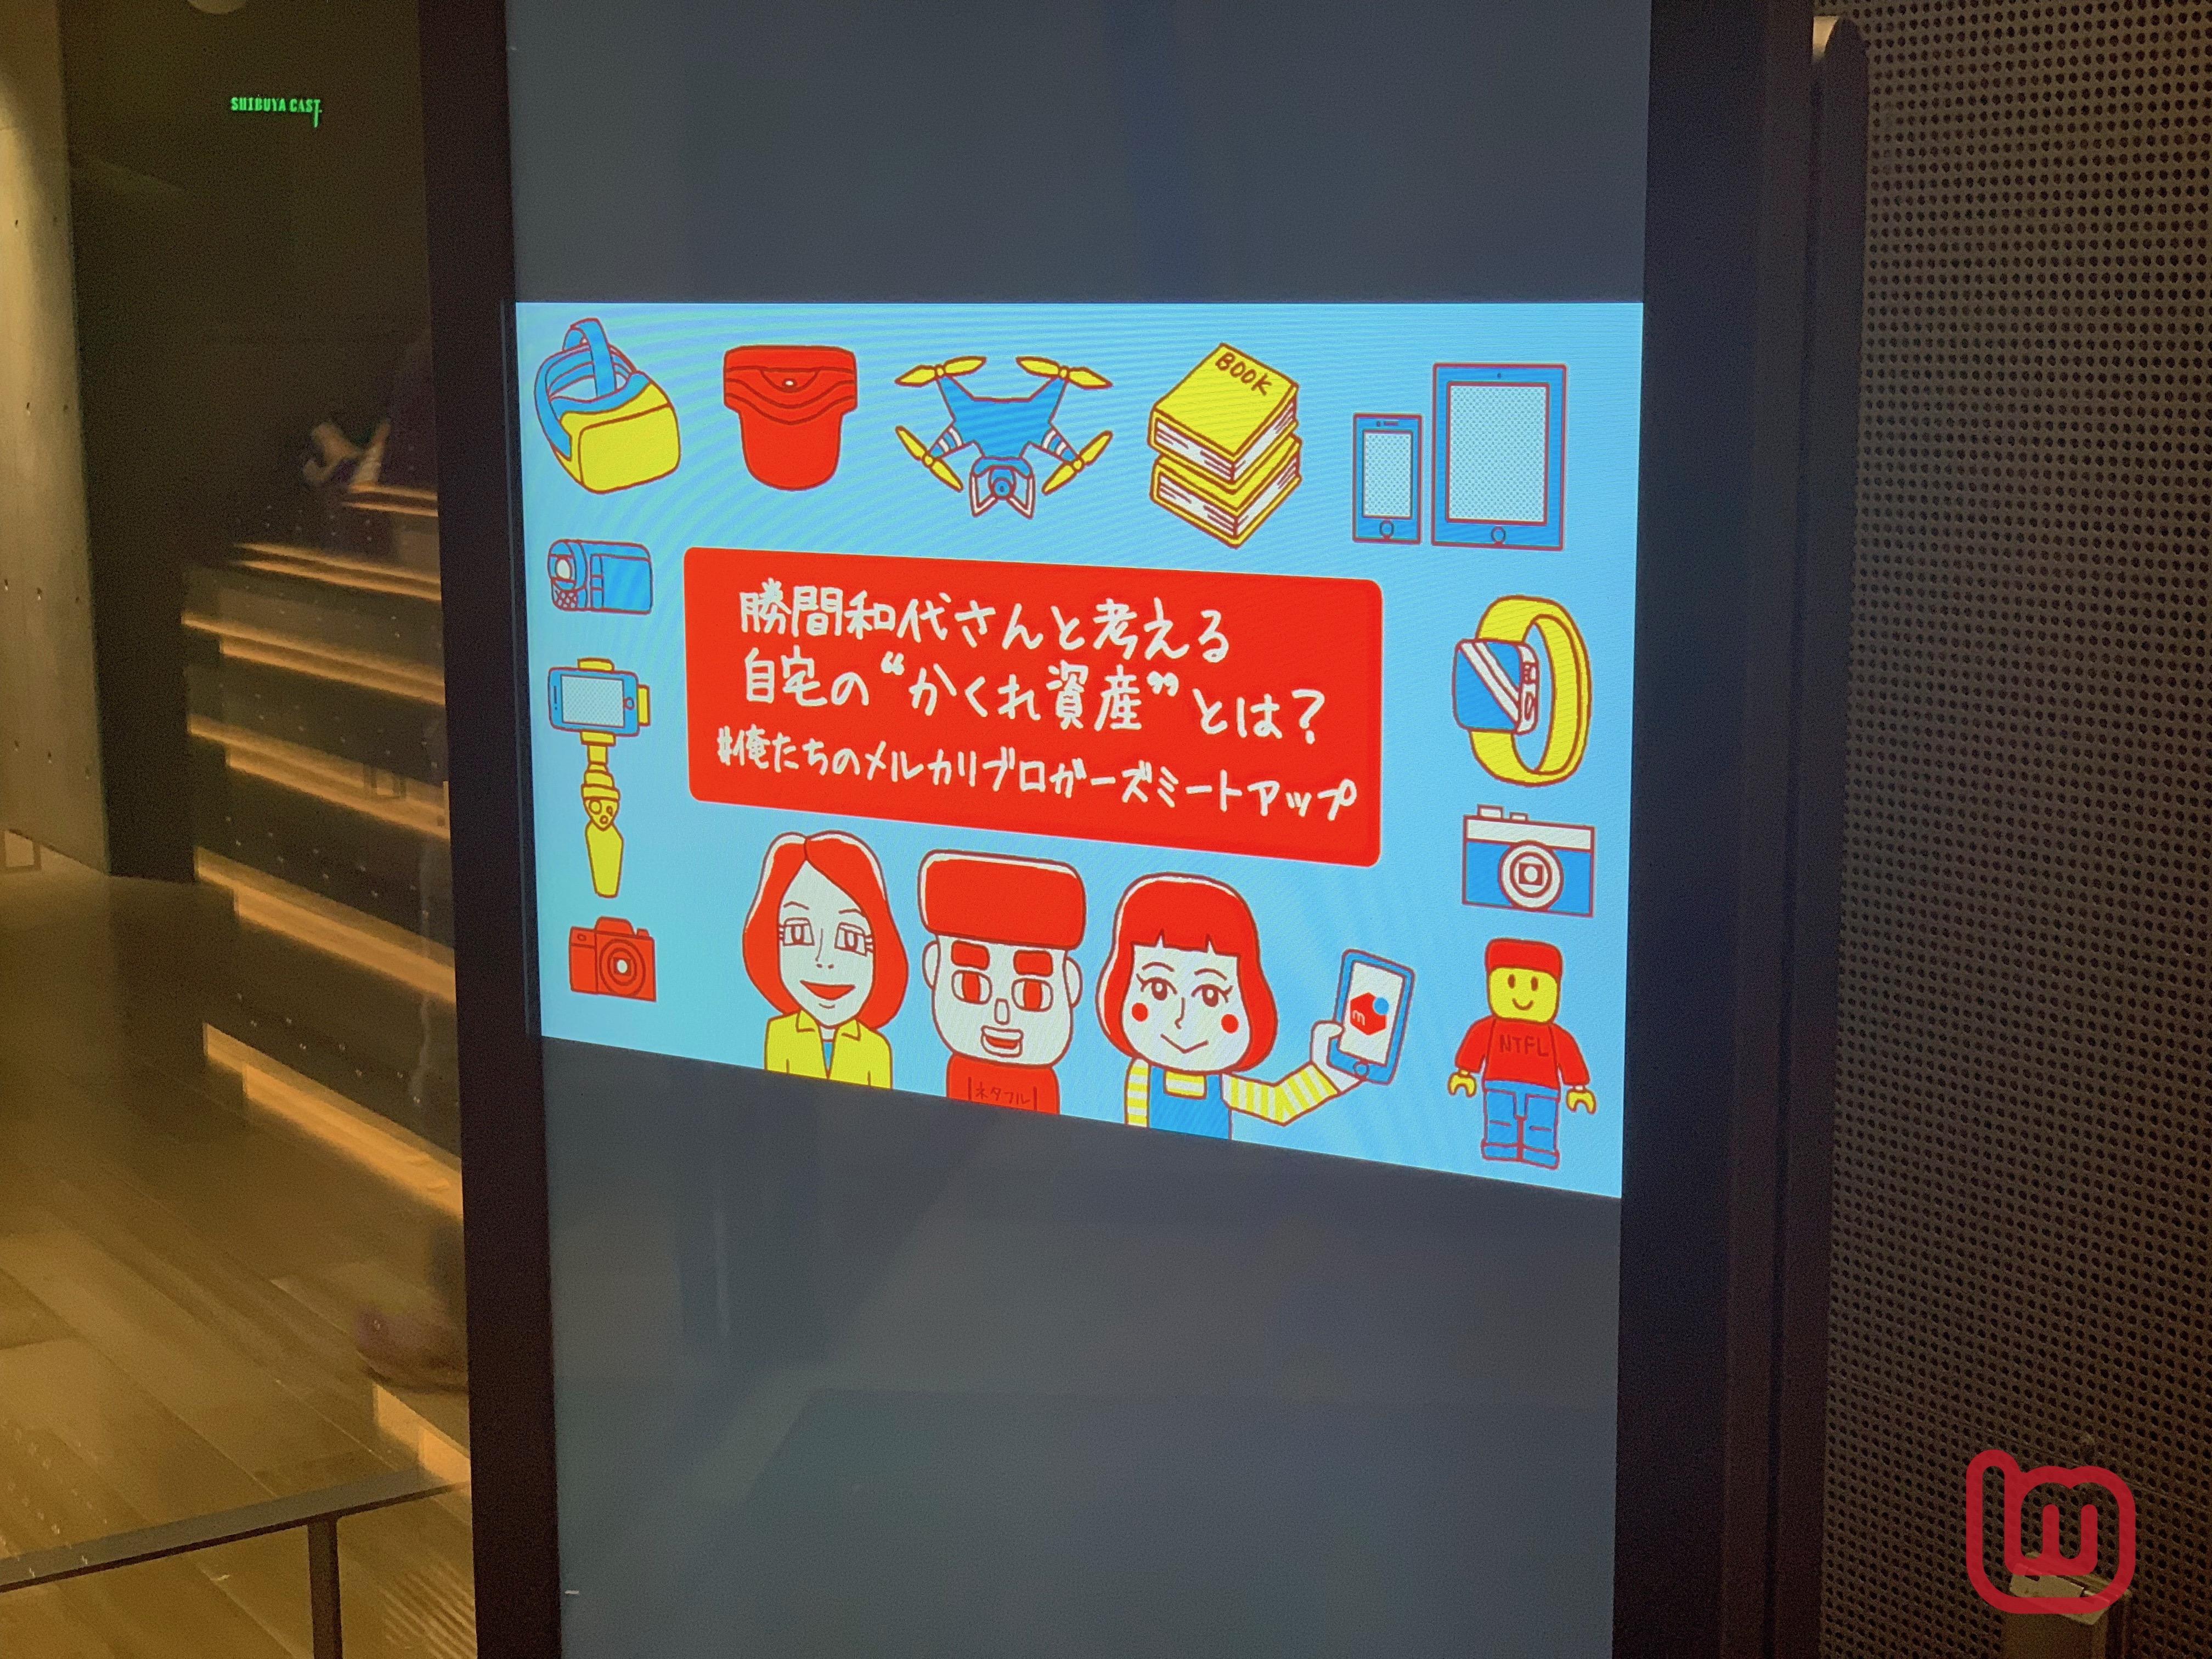 【レポート】イベント「 #俺たちのメルカリ ブロガーミートアップ」に行ってきた